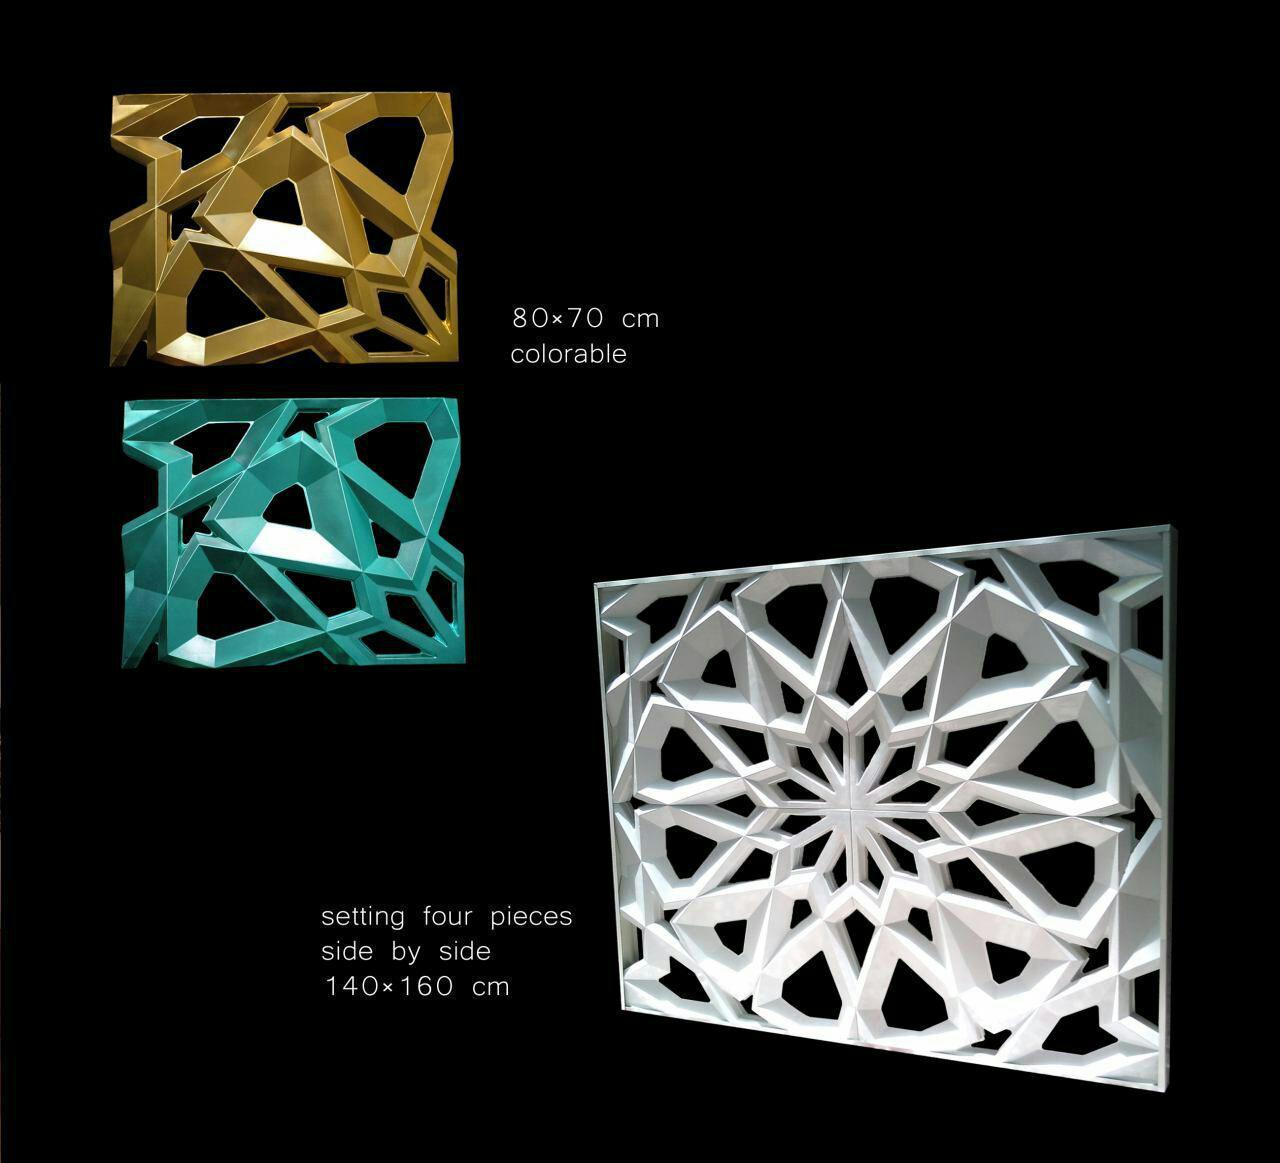 پنل شمسه سه بعدی-۱- جی اف آر سی